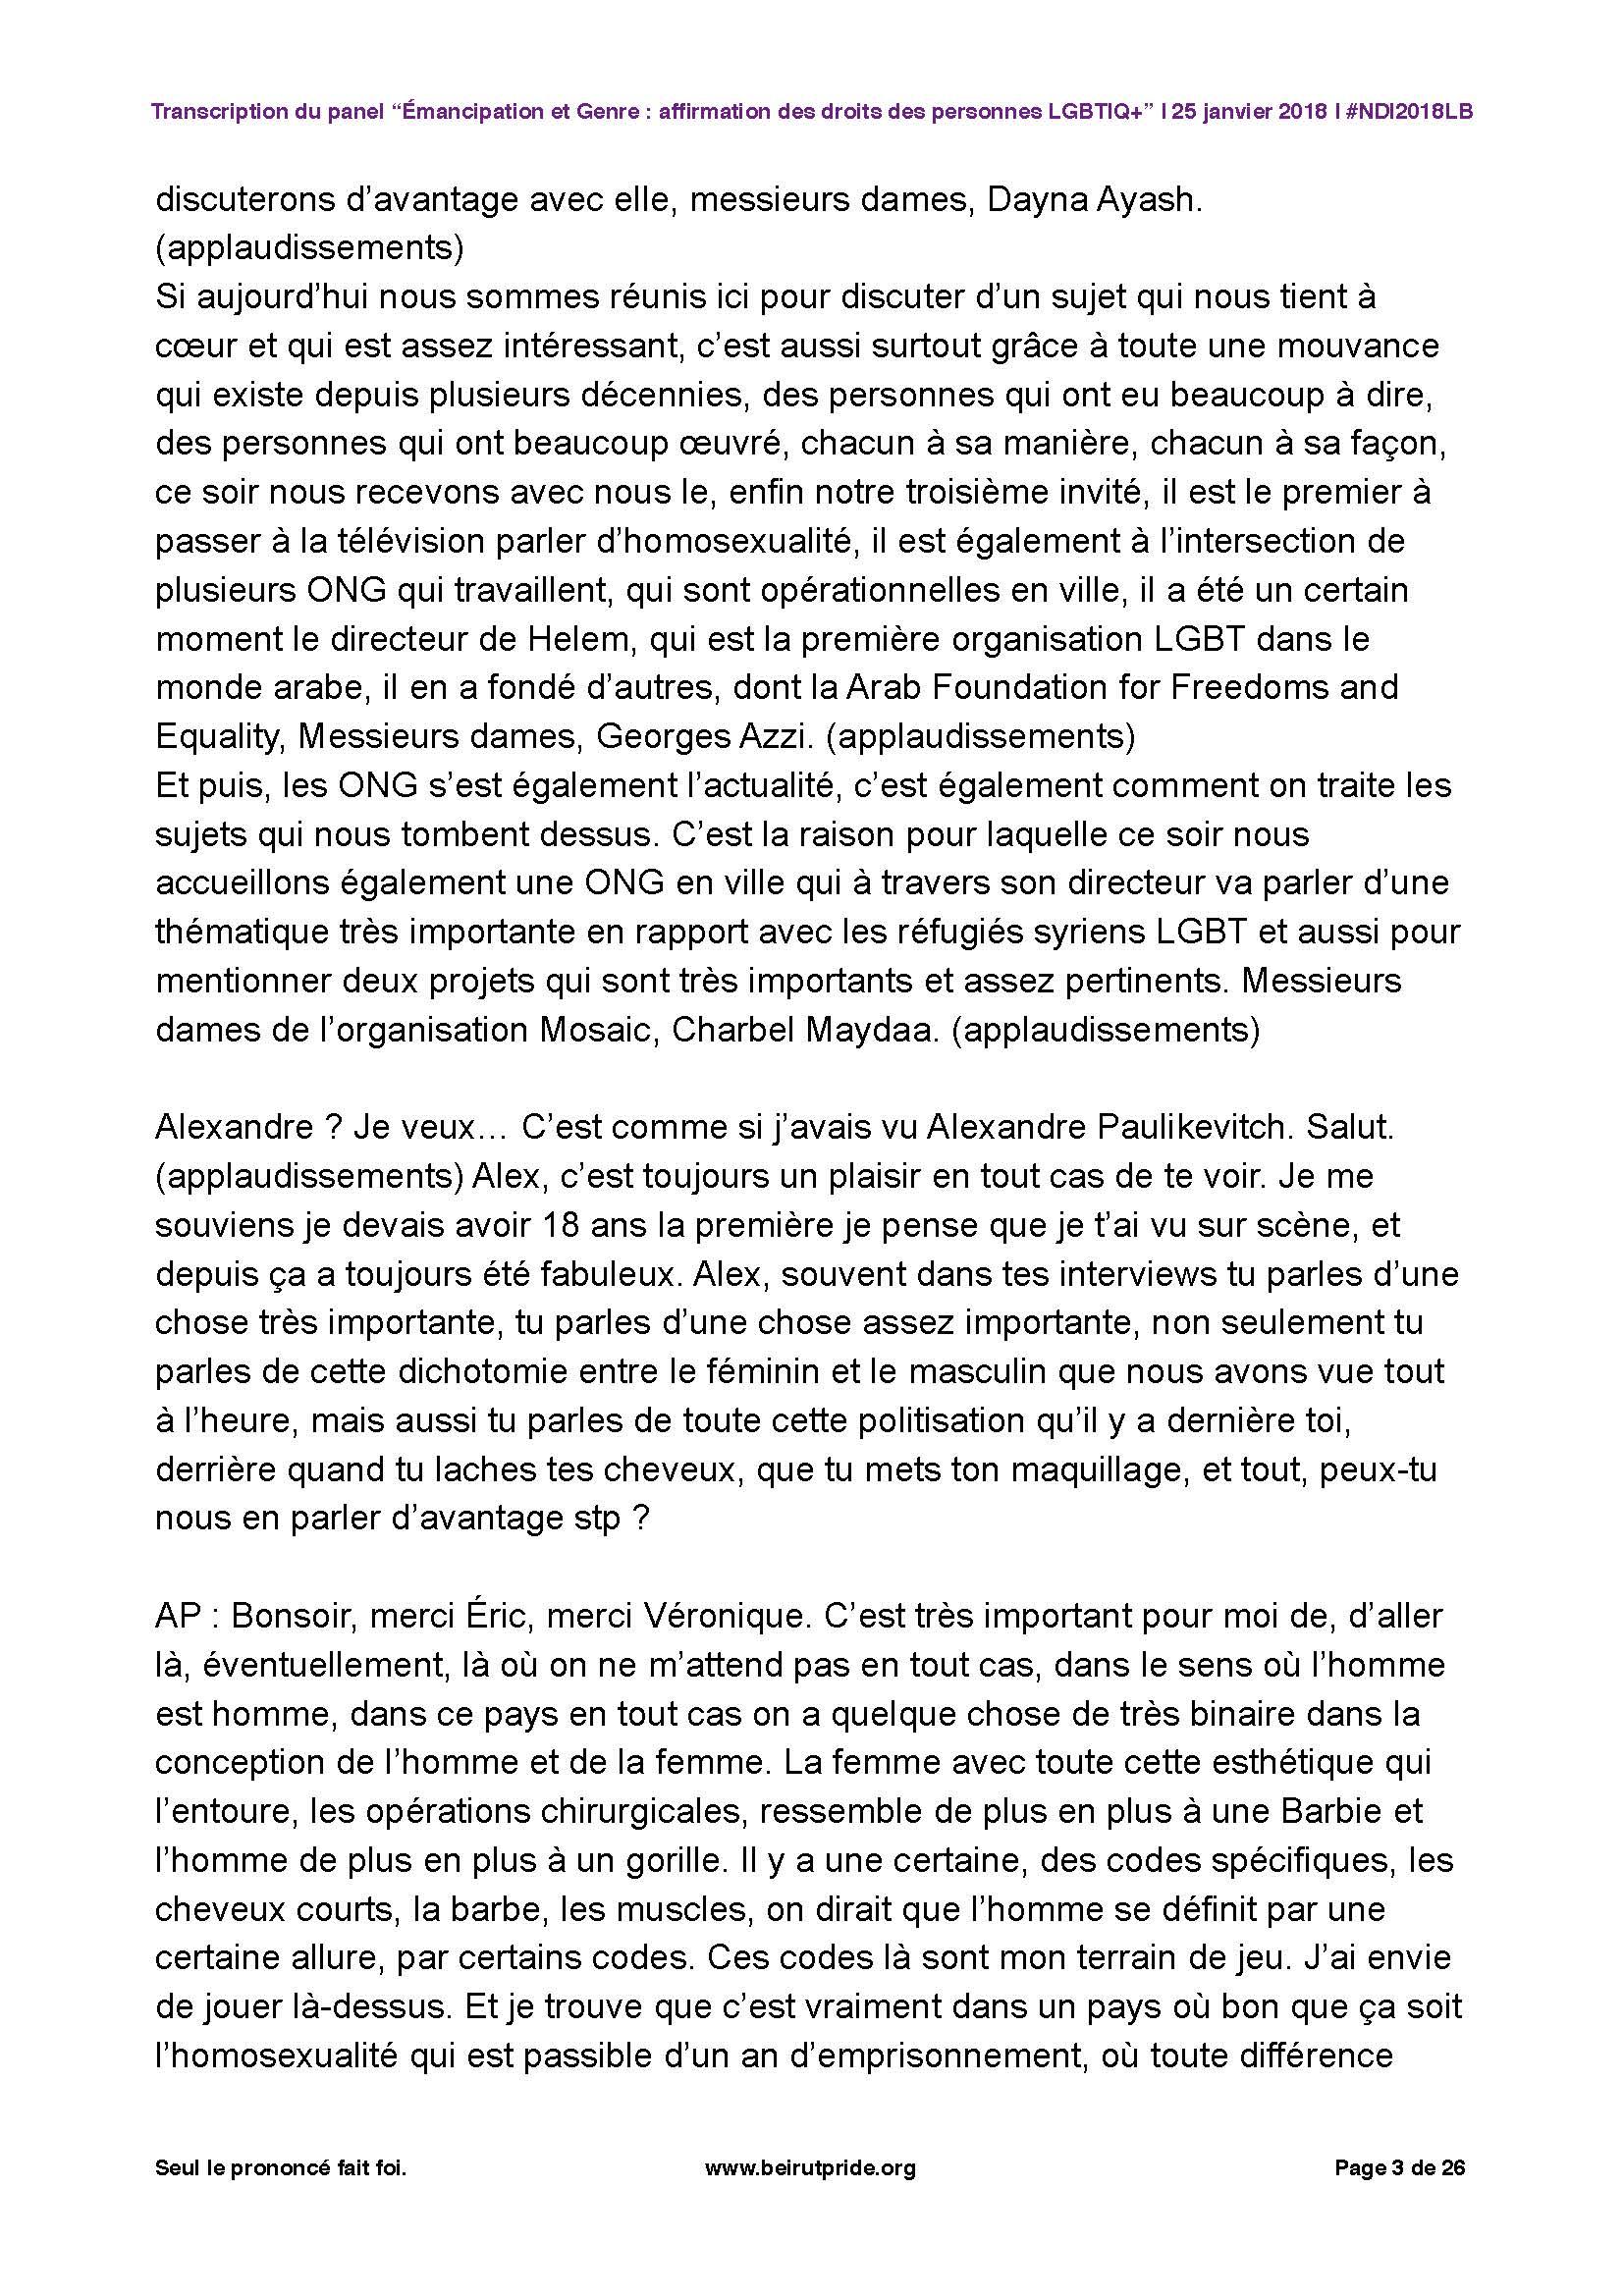 Transcription Nuit des idées 2018_Page_03.jpg